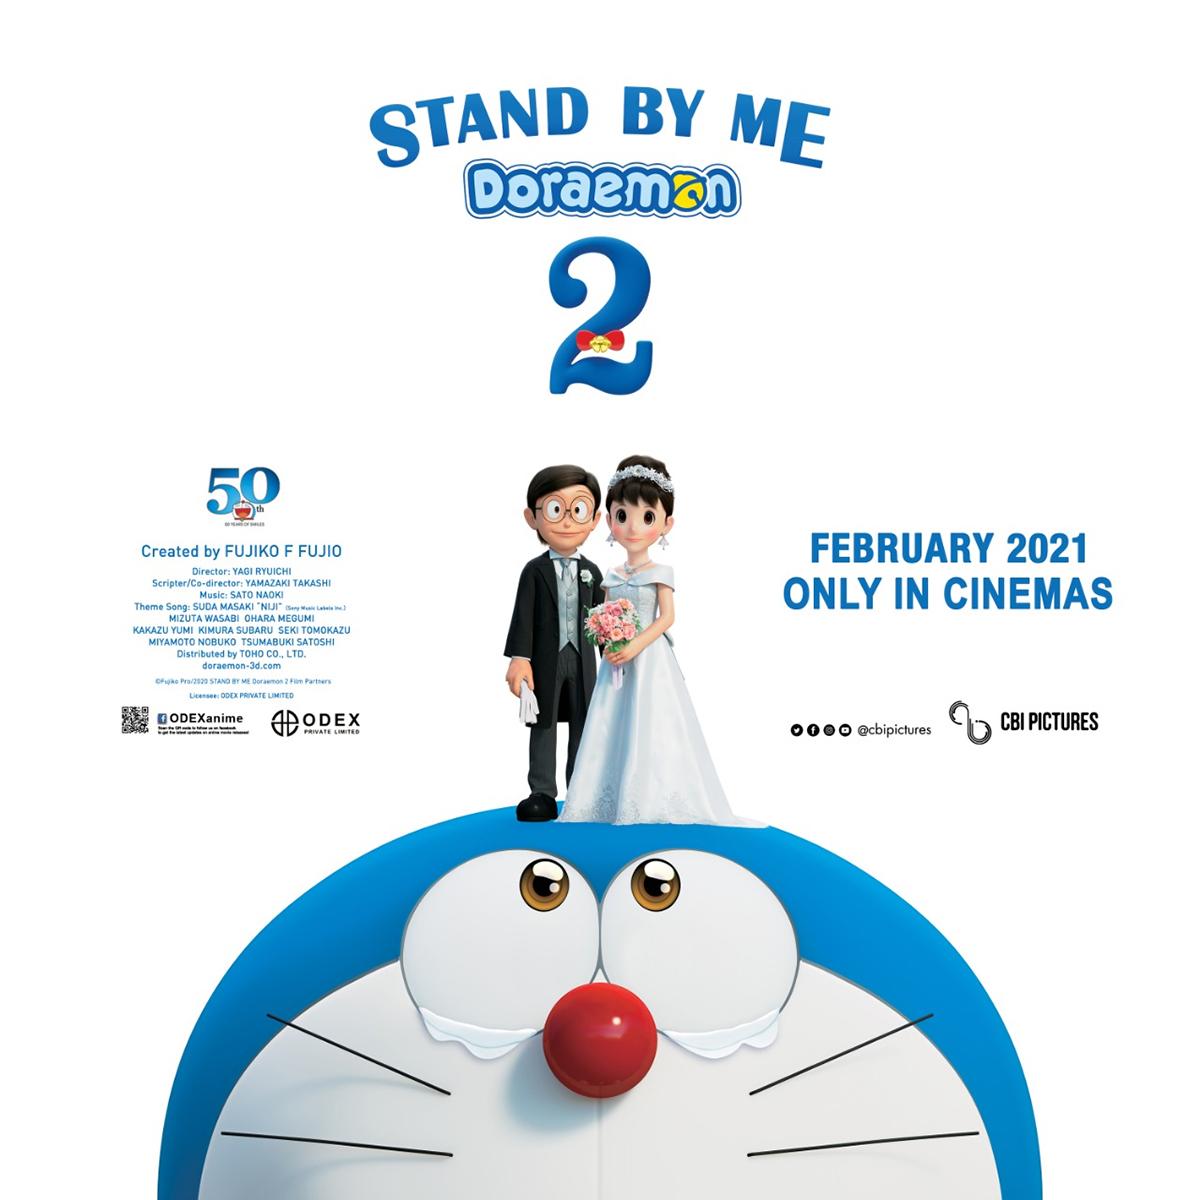 Filem Animasi Stand by Me Doraemon 2